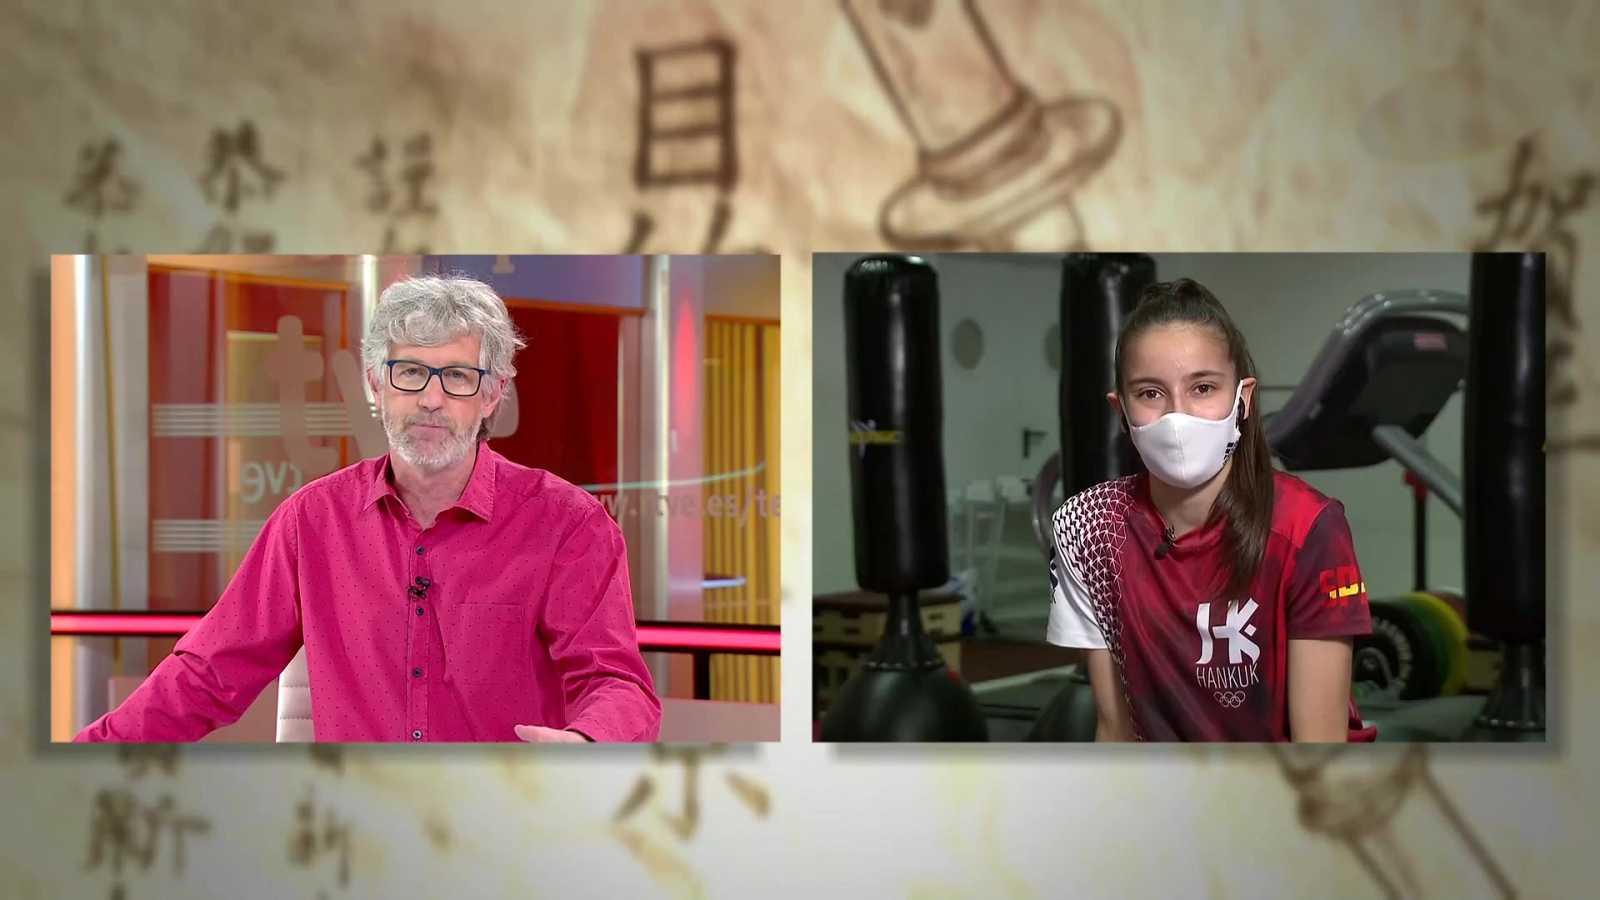 Objetivo Tokio - Programa 158: Adriana Cerezo, taekwondista, y Marc Tur, marchador - ver ahora